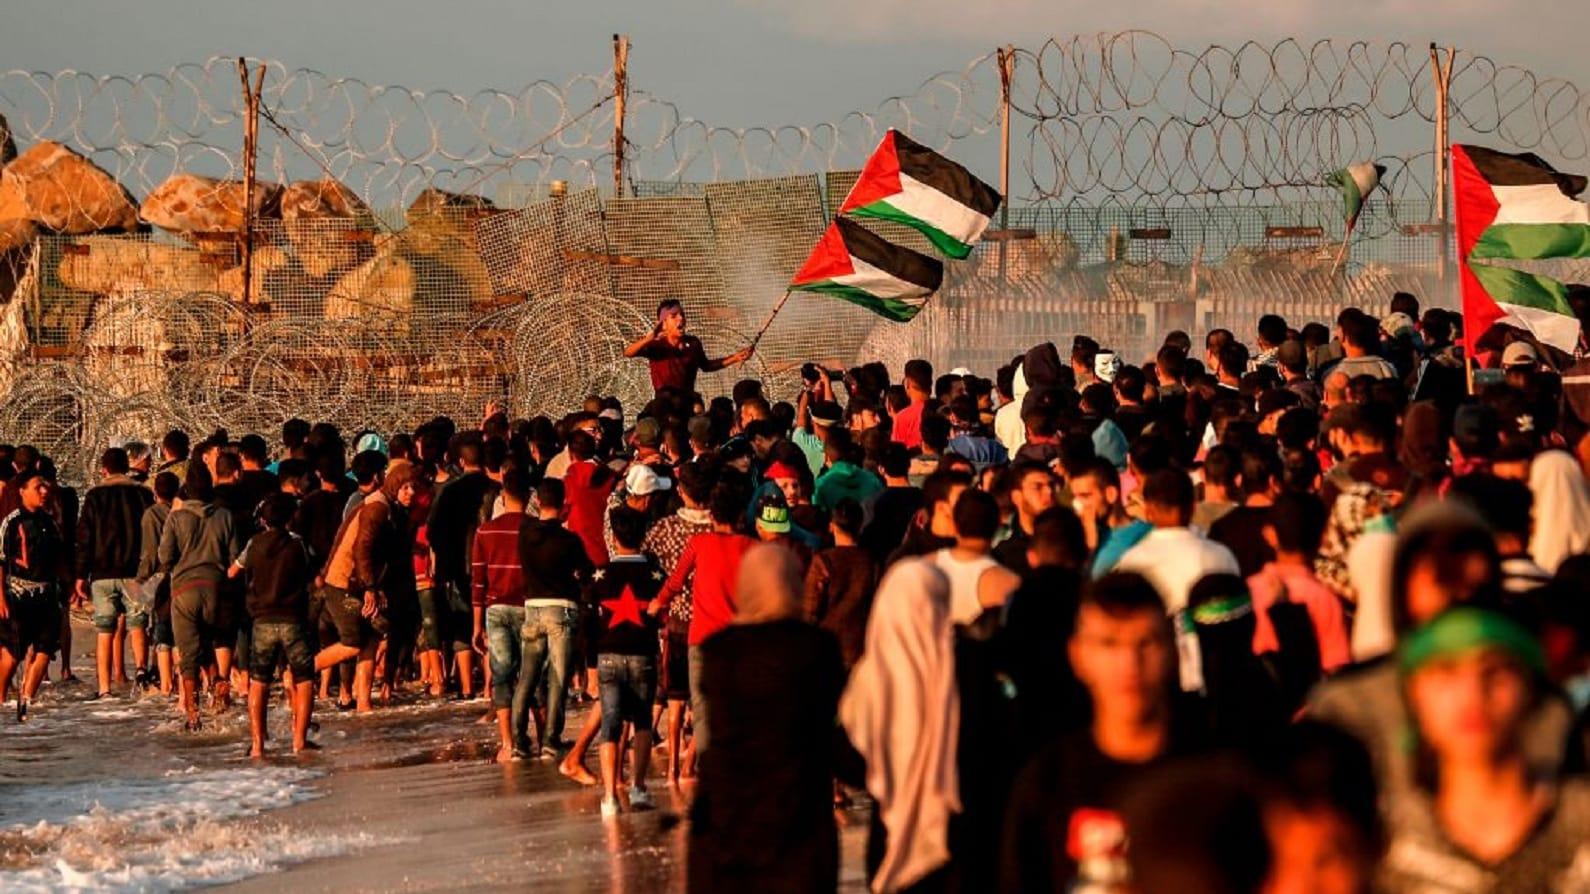 عودة الهدوء بين إسرائيل وغزة بعد أعنف 24 ساعة منذ حرب 2014